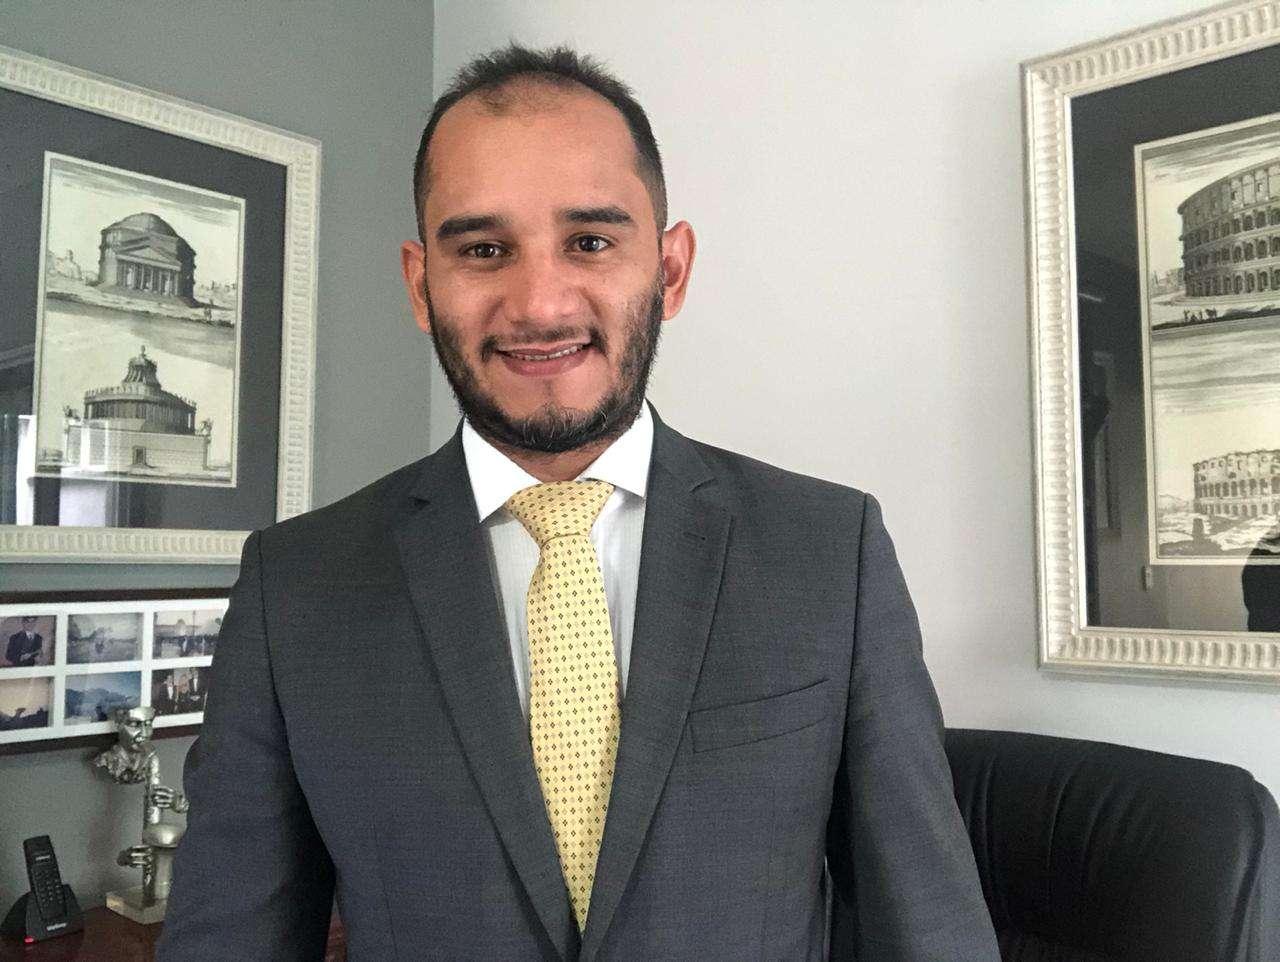 UNIRON – Advogado Paulo Serpa investe em carreira jurídica na área privada